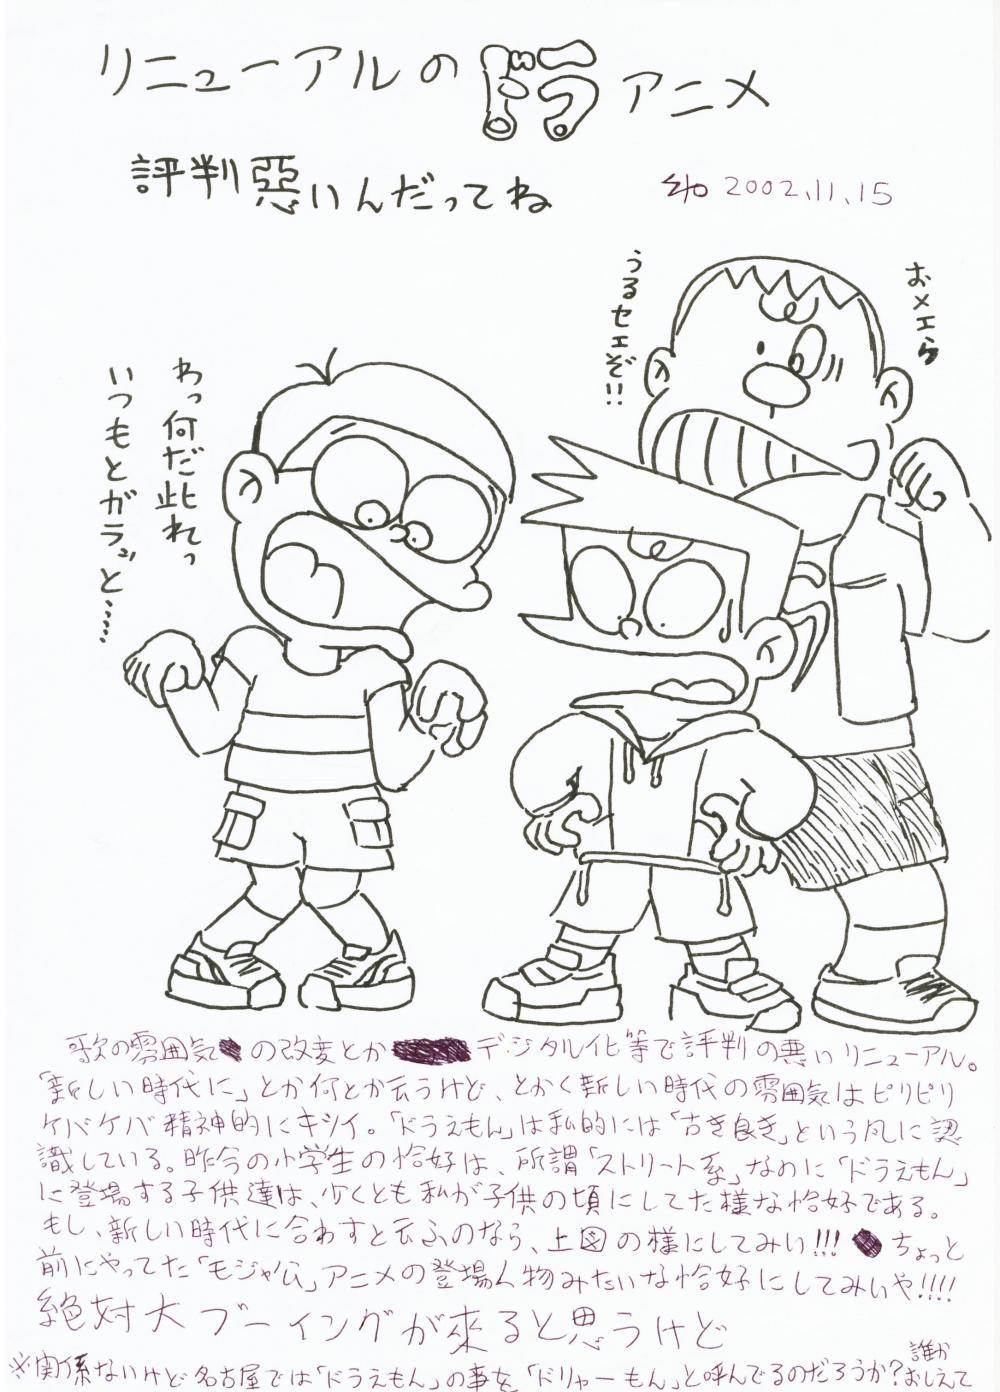 今風ドラえもん 2002/11/15